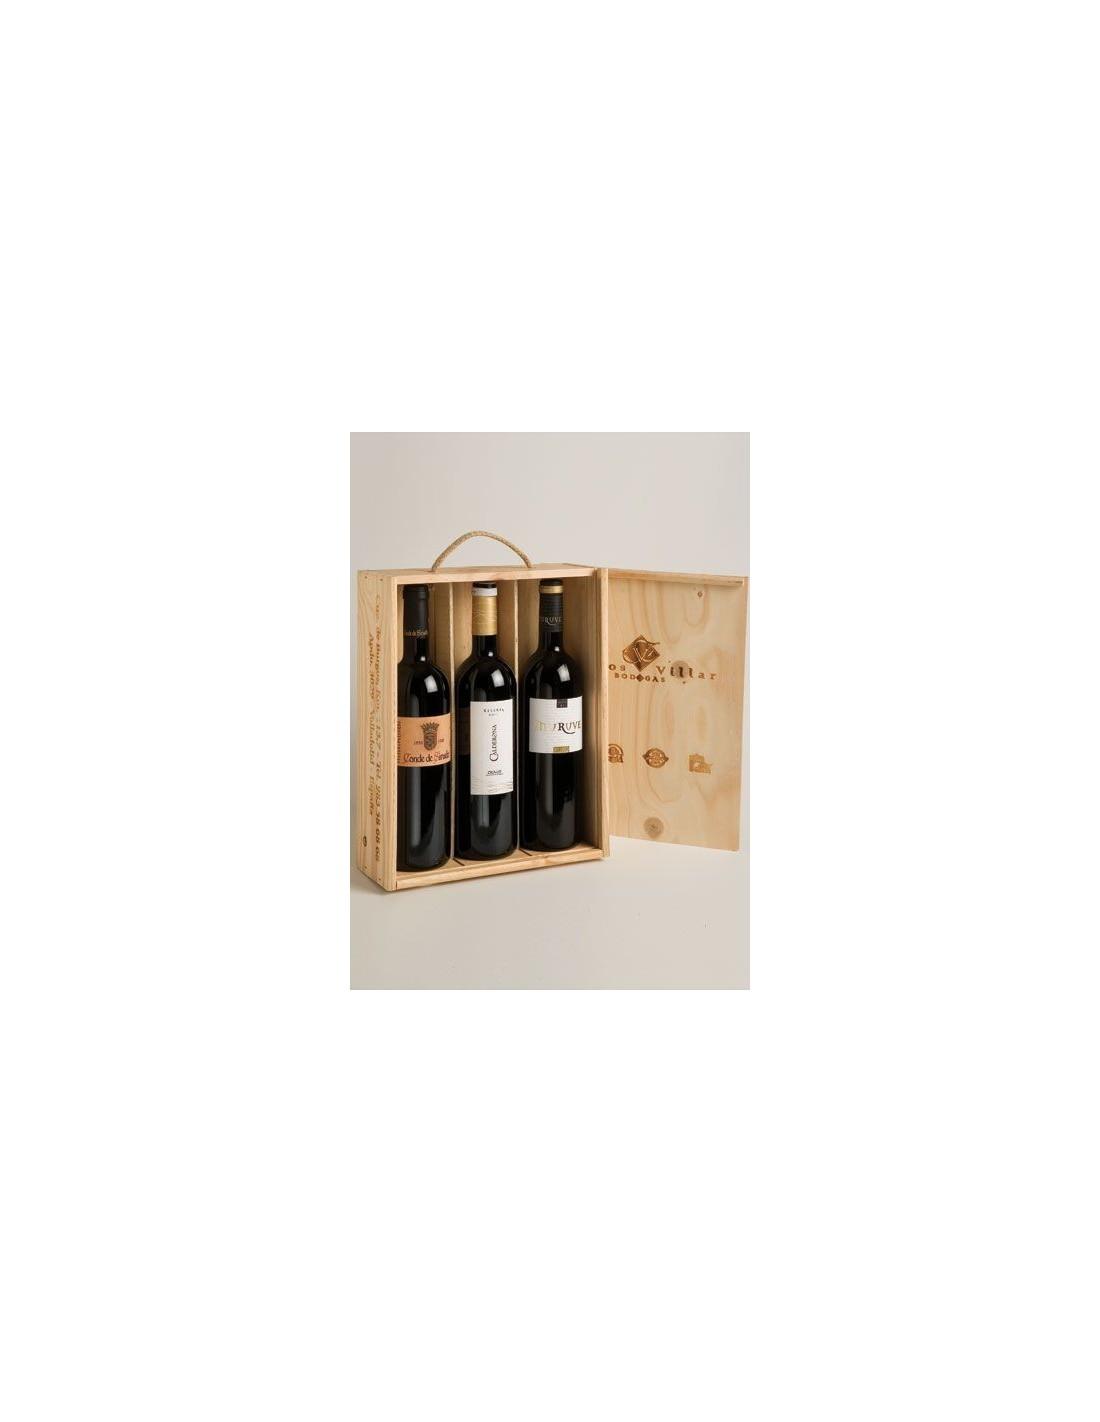 Caja de madera 3 botellas tienda on line bodegas frutos - Cajas de madera para botellas ...